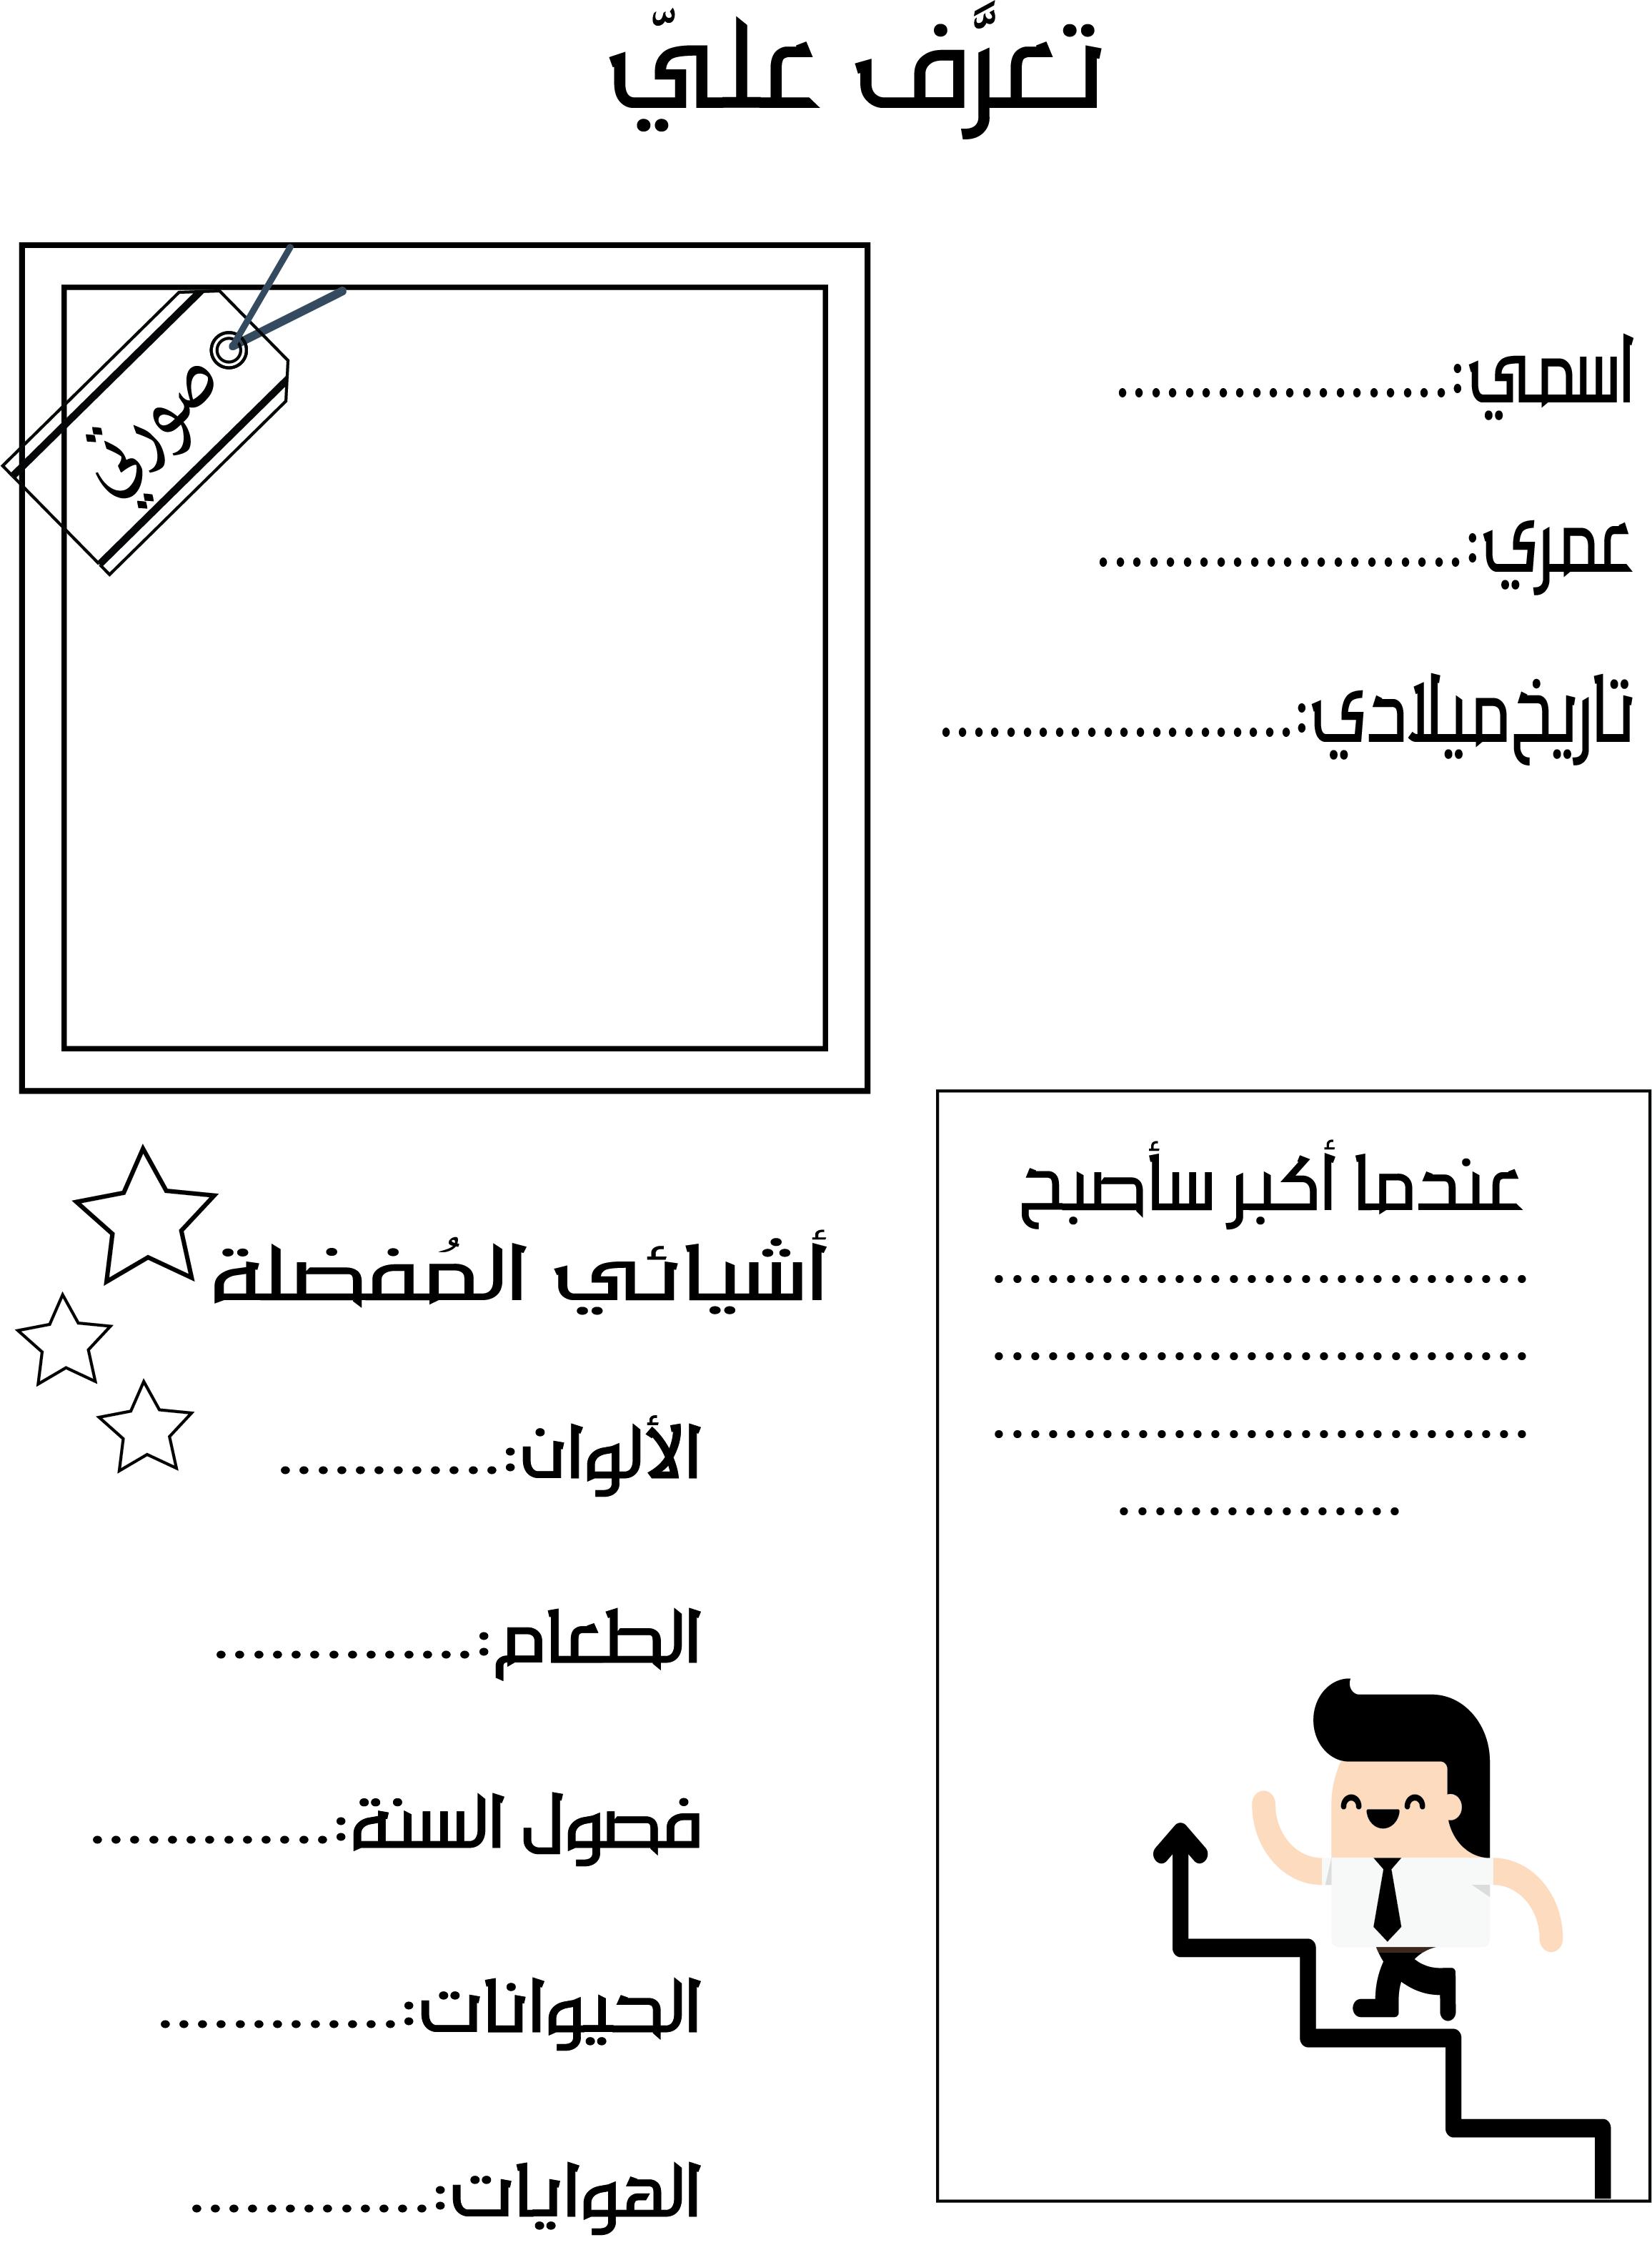 ورقة عمل ت عطى للطالب في الأسبوع الأول من الدراسة Islamic Kids Activities Islam For Kids Activities For Kids